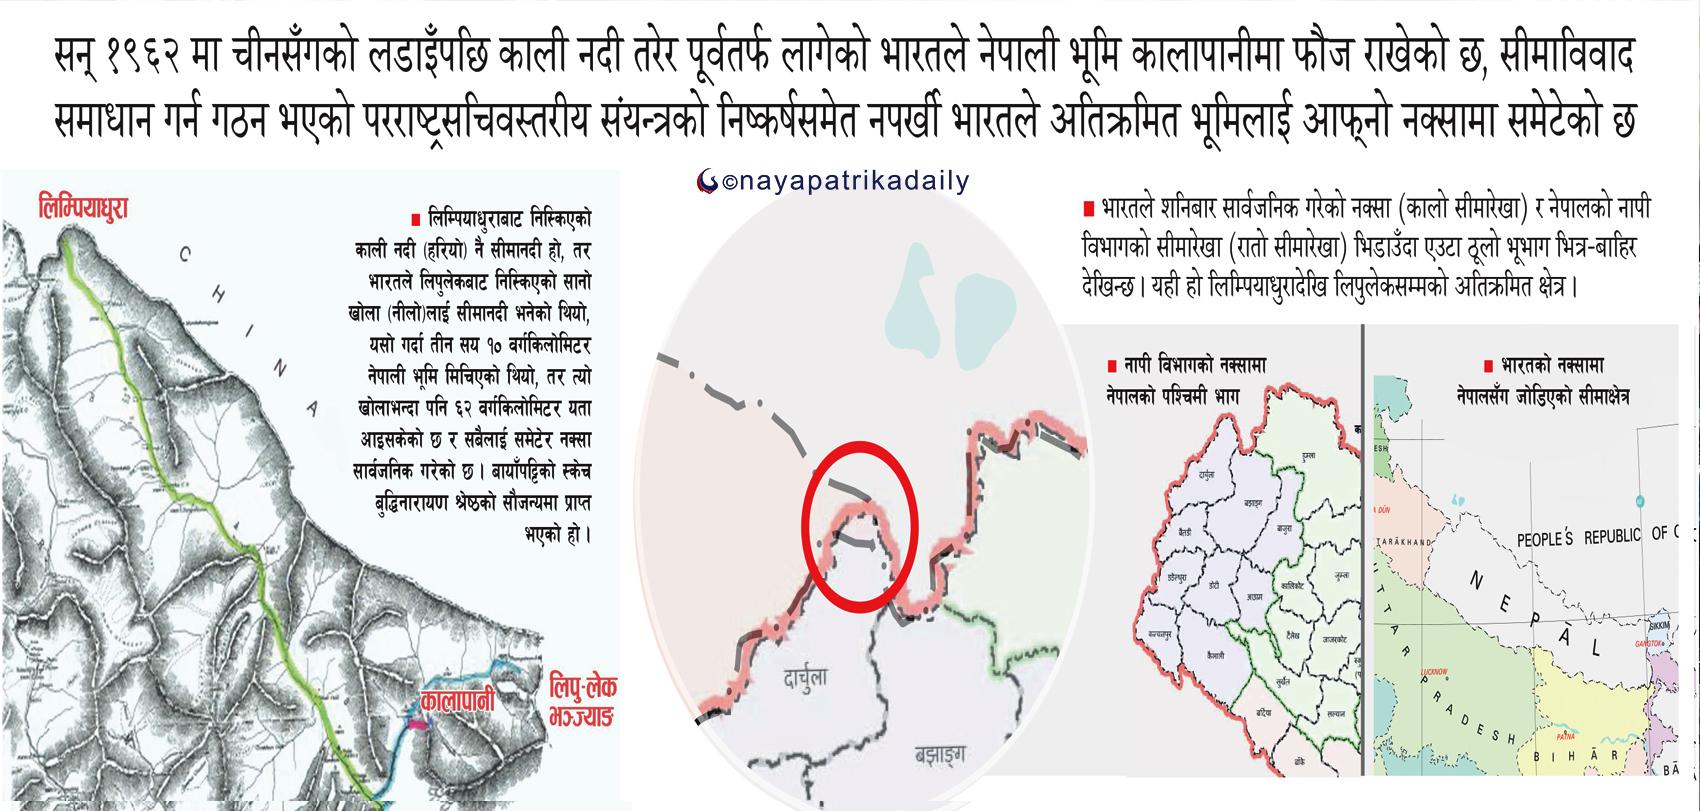 ५७ वर्षअघि अतिक्रमित नेपाली भूमि अब औपचारिक रूपमै भारतीय नक्सामा